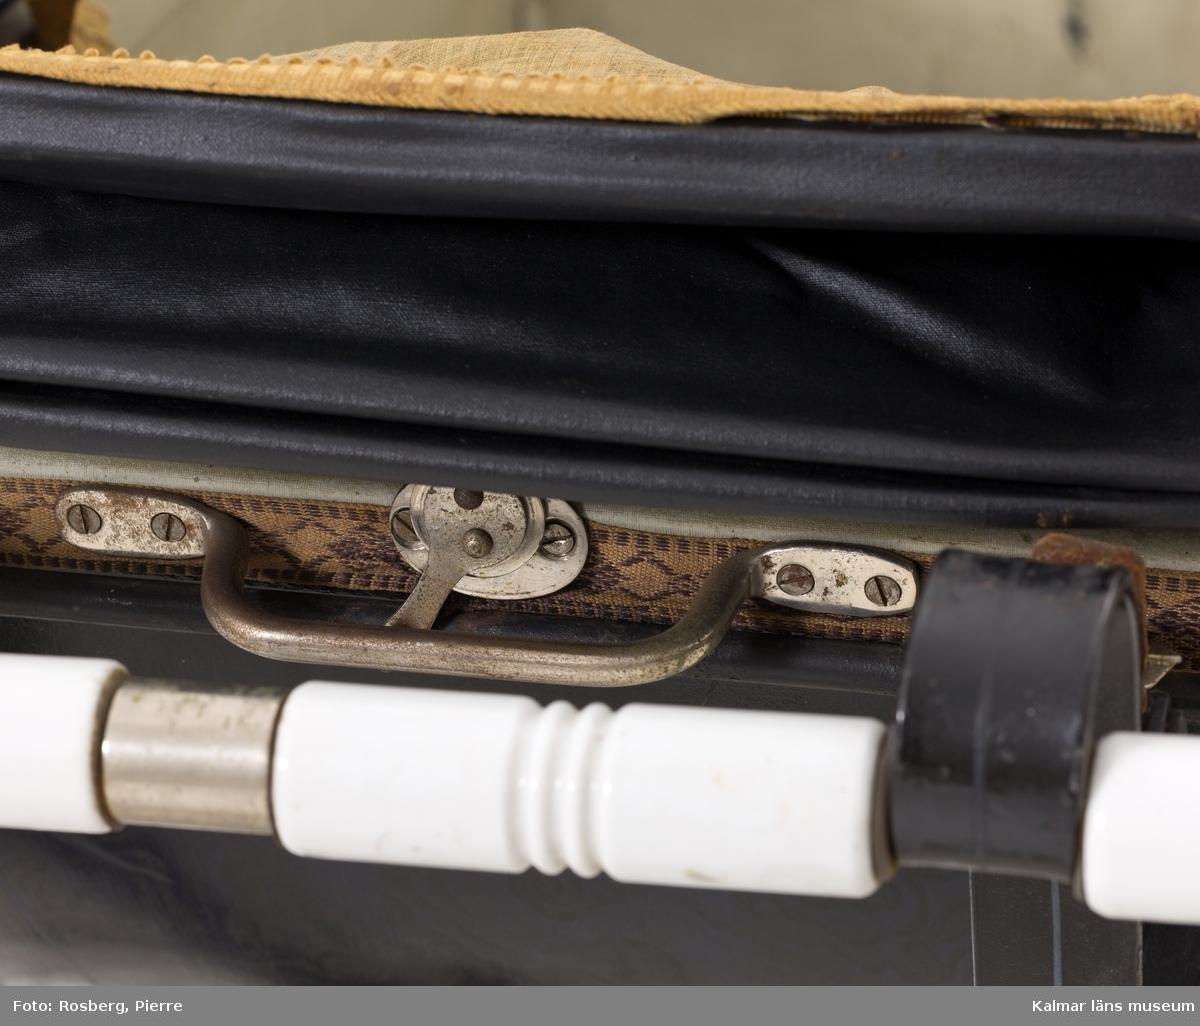 KLM 45797. Barnvagn, liggvagn. Stomme och hjul av svartlackerad metall, på stommen blå dekorlinjer. Gummiklädda hjul. Löstagbar vagnskorg med stomme av svartmålat trä med ljusblå dekorlinjer och fält målade i mörkare blå. På insidan är korgen klädd med vit galon. Vid korgens båda kortsidor handtag av vitt porslin. På vagnskorgens utsida ett vävt tygband av ylle i brun nyans. På ena kortsidan en liten metallskylt: AKTIEBOLAGET A.W. NILSSONS FABRIKER MALMÖ. Vagnen har en sufflett av svart galon med nedre kant av blått ylletyg. Upptill ett vävt tygband i gul nyans, på sidan ett handtag av vitt porslin. Vagnens ena fäste för suffletten är trasig och suffletten går därför inte att fästa ordentligt.